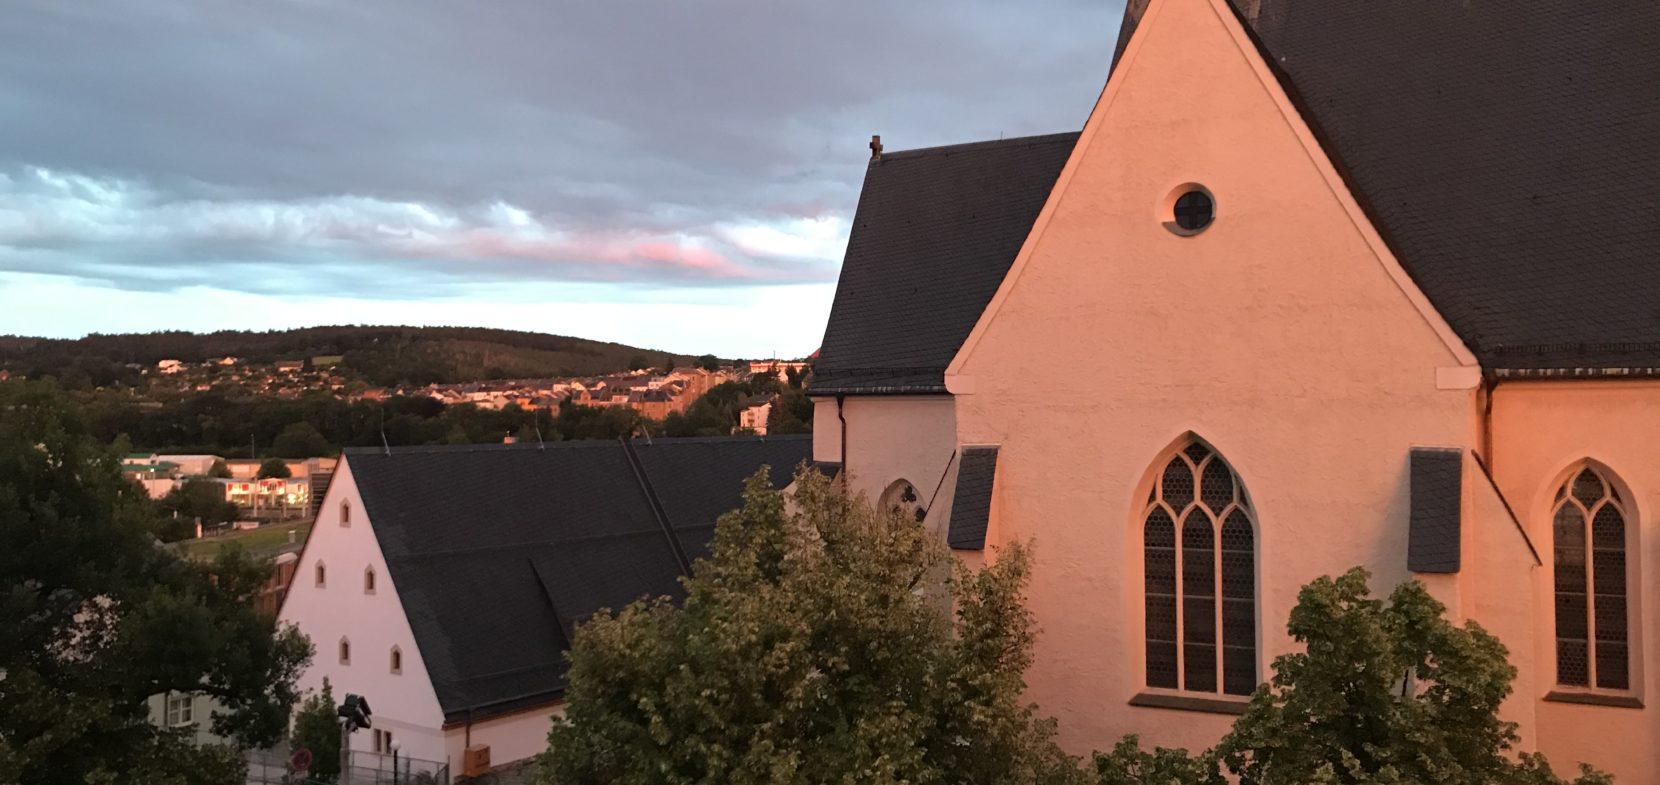 Nacht der offenen Kirchen am 24. September 2021